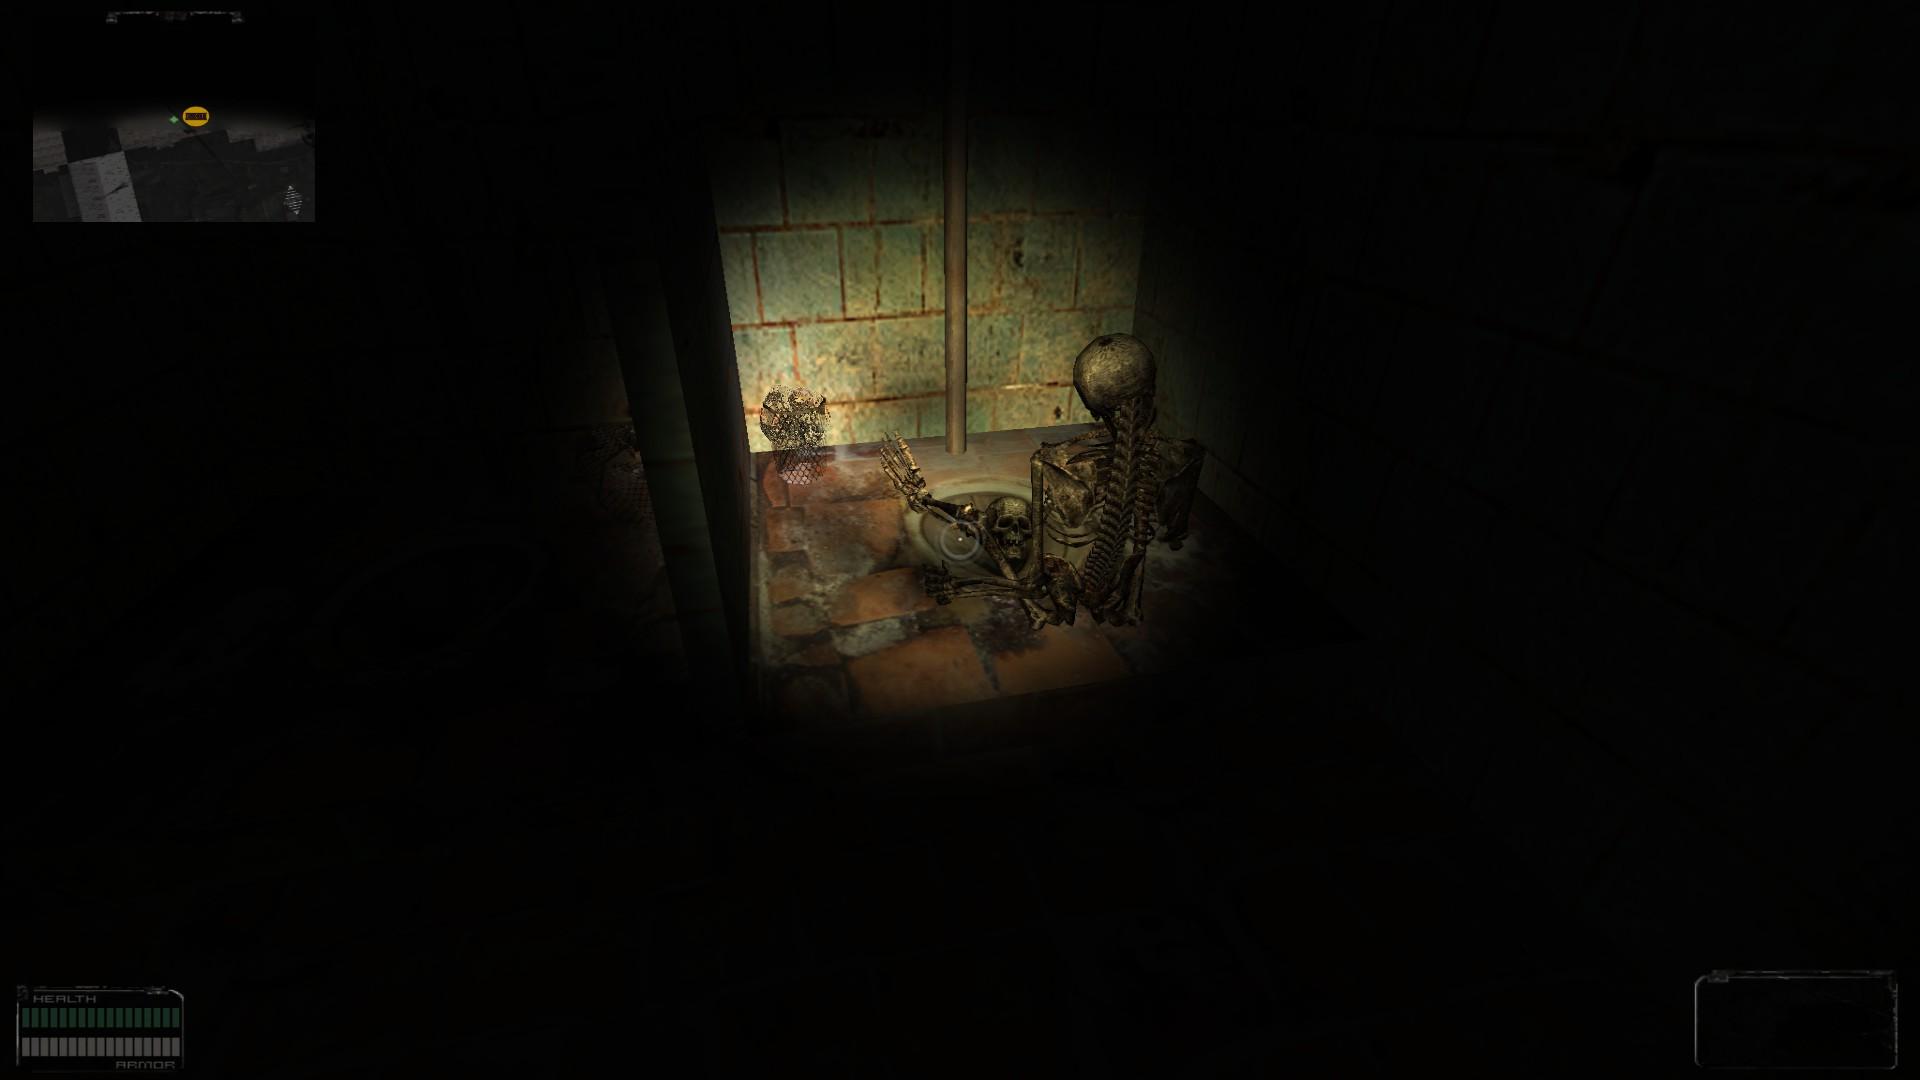 Oblivion Lost Remake 2.5 image 196